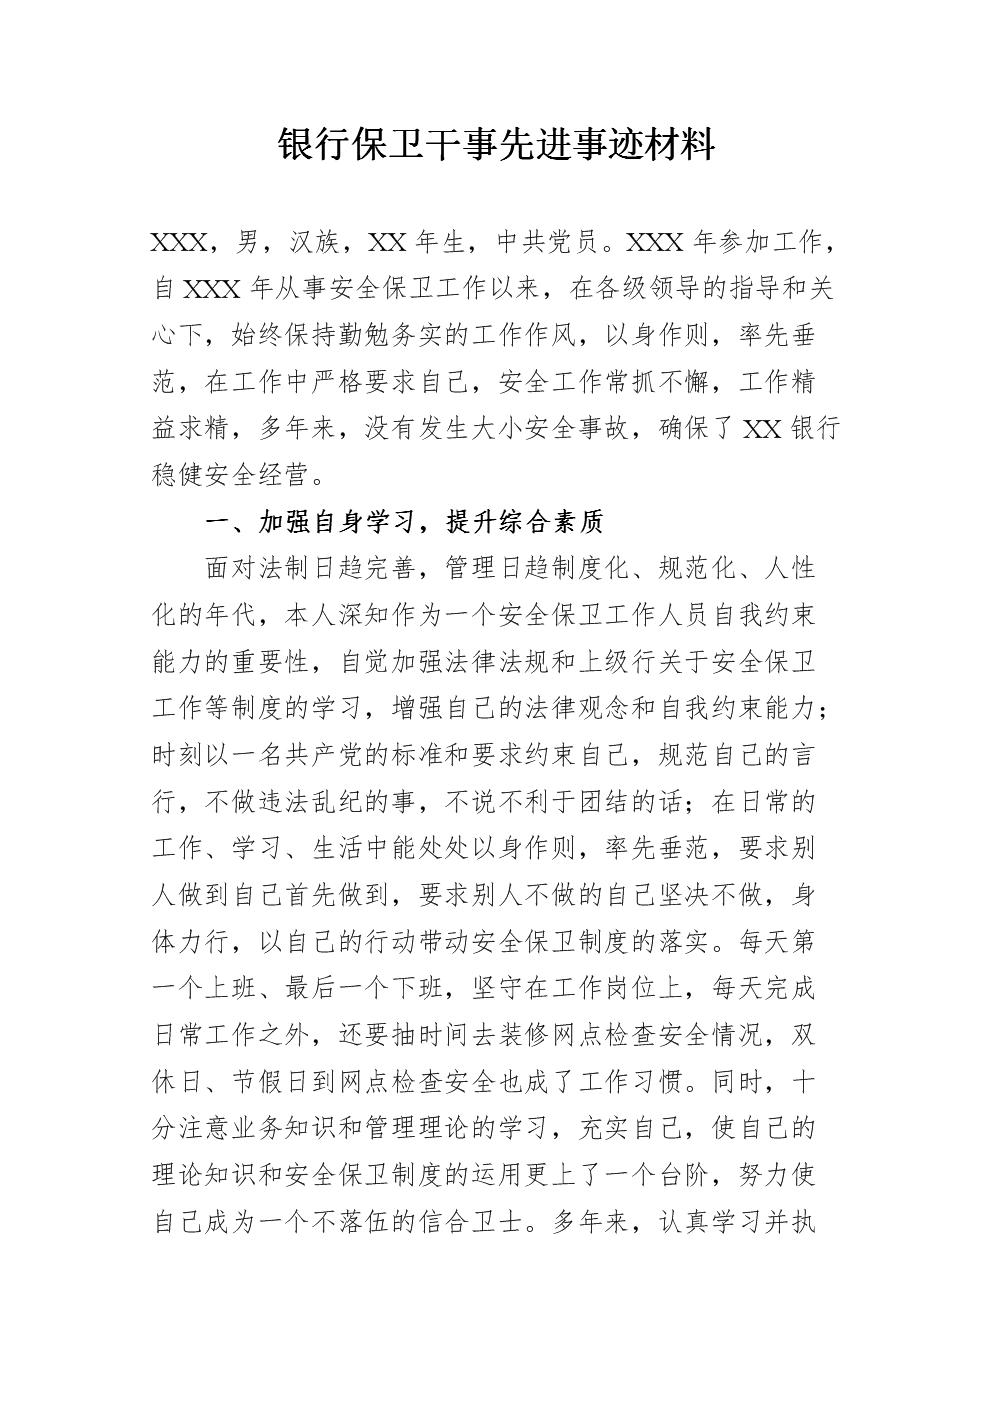 银行保卫干事先进事迹材料.doc